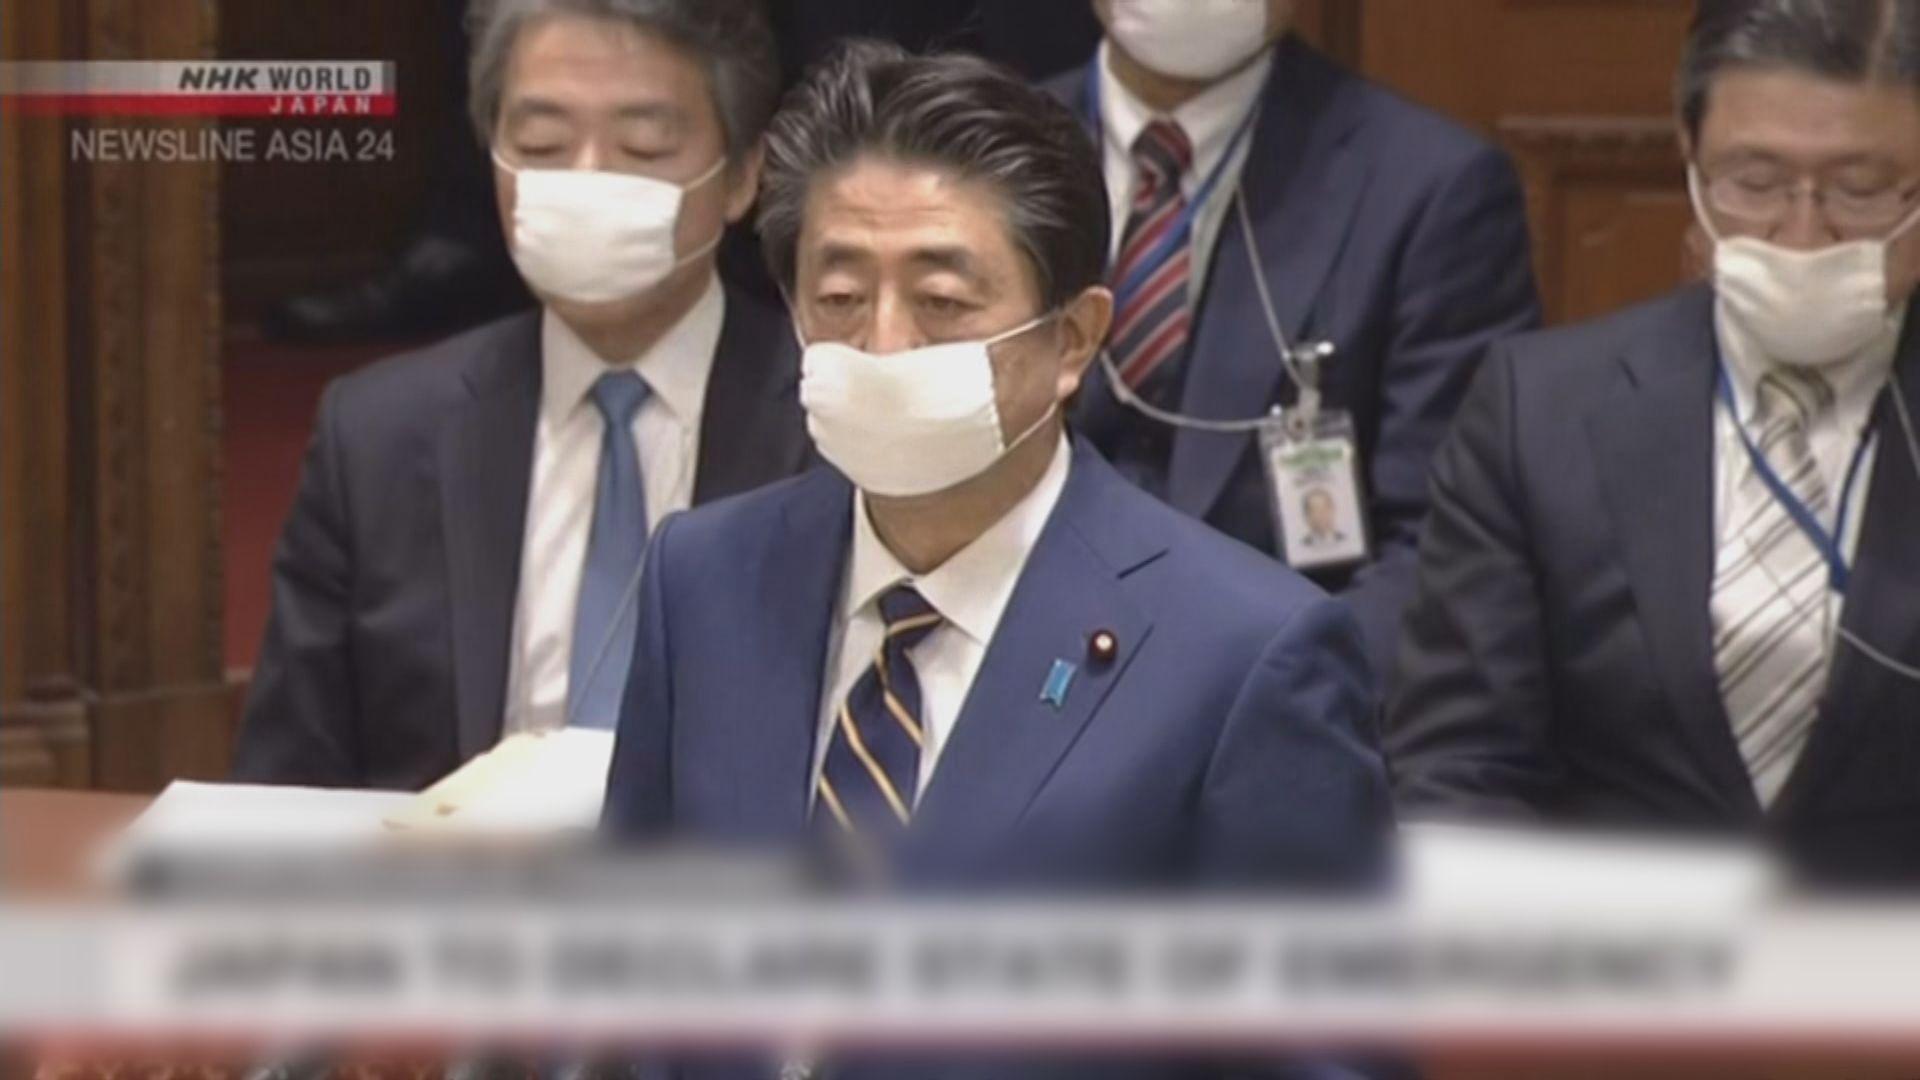 安倍稍後發表緊急事態宣言 逃離東京成社交平台熱話